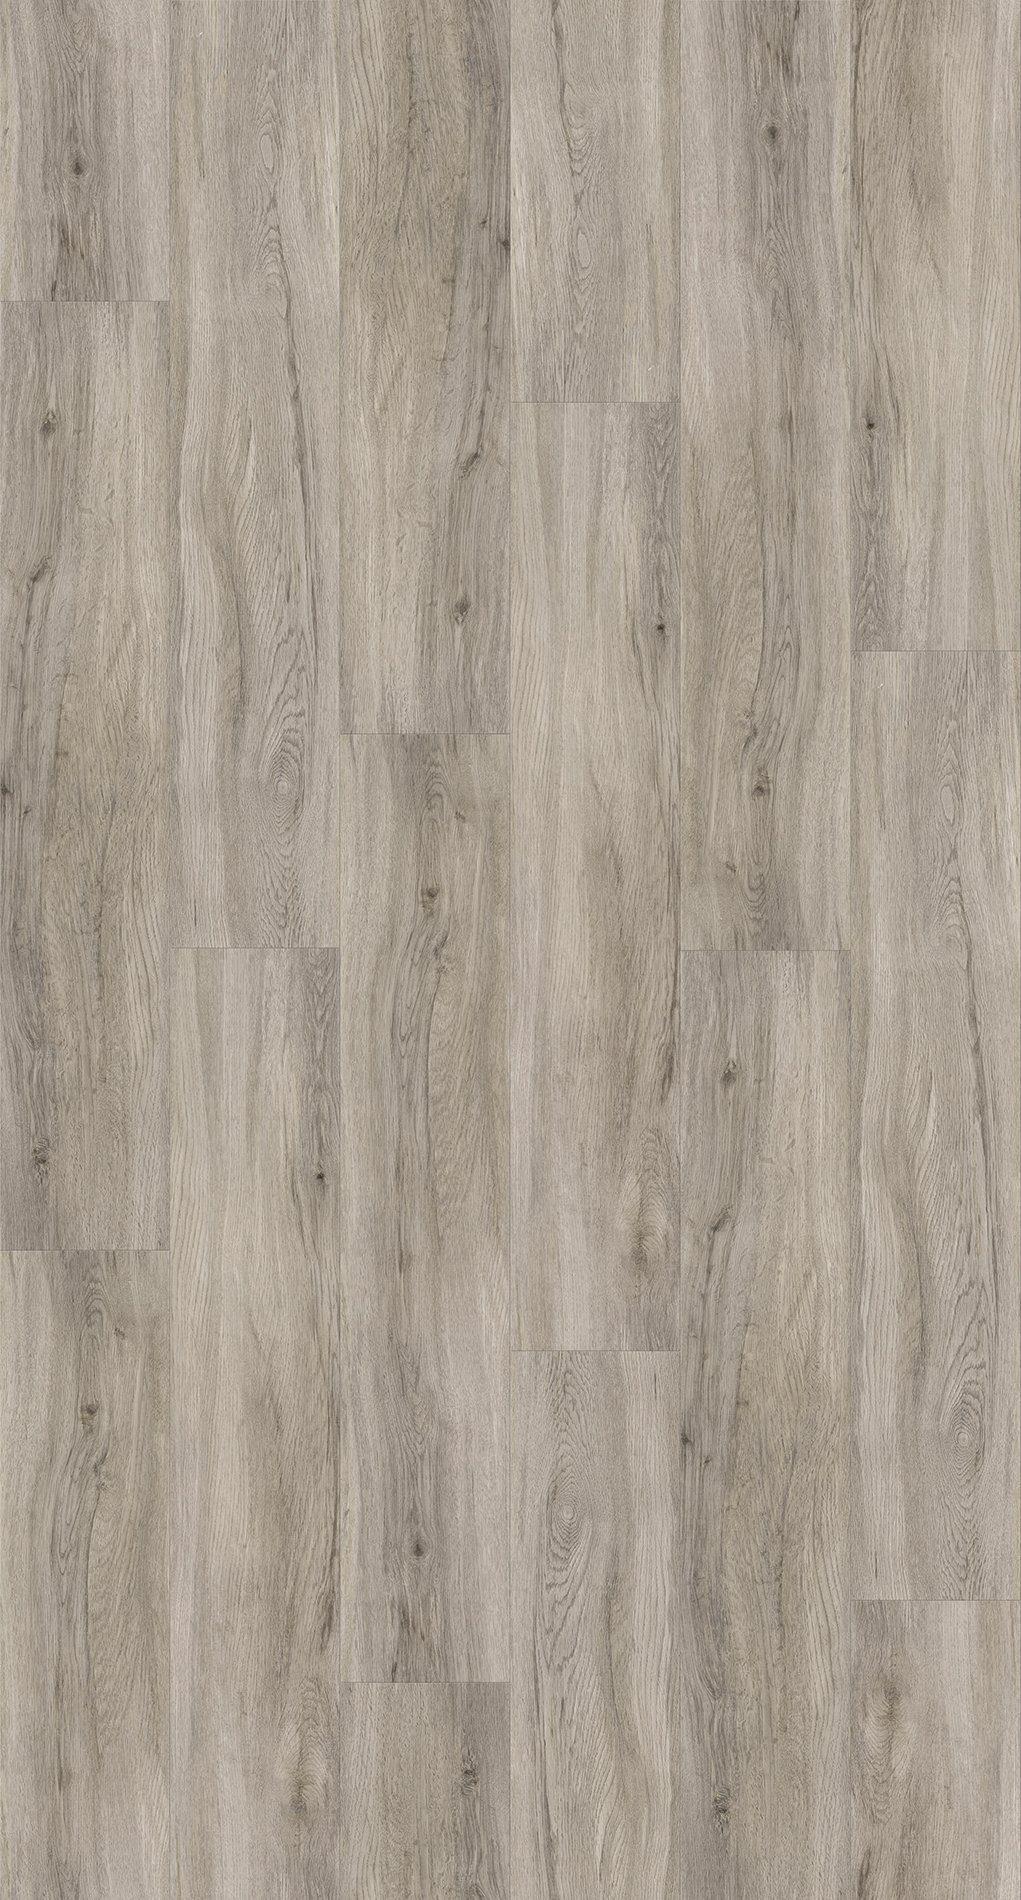 PARADOR Packung: Vinylboden »Basic 20 - Eiche pastellgrau«, 1208 x 216 x 8,1 mm, 1,8 m²